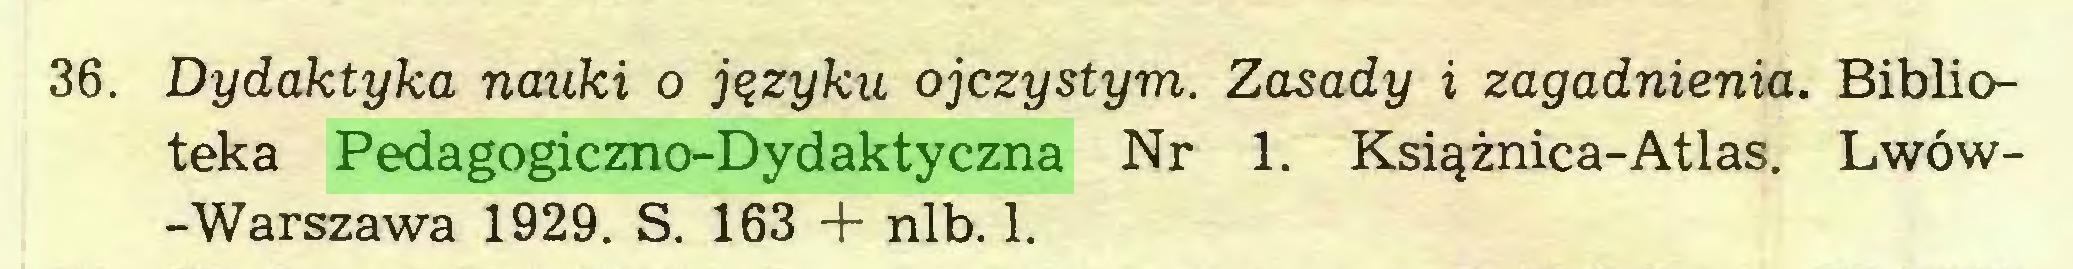 (...) 36. Dydaktyka nauki o języku ojczystym. Zasady i zagadnienia. Biblioteka Pedagogiczno-Dydaktyczna Nr 1. Książnica-Atlas. Lwów-Warszawa 1929. S. 163 + nlb. 1...